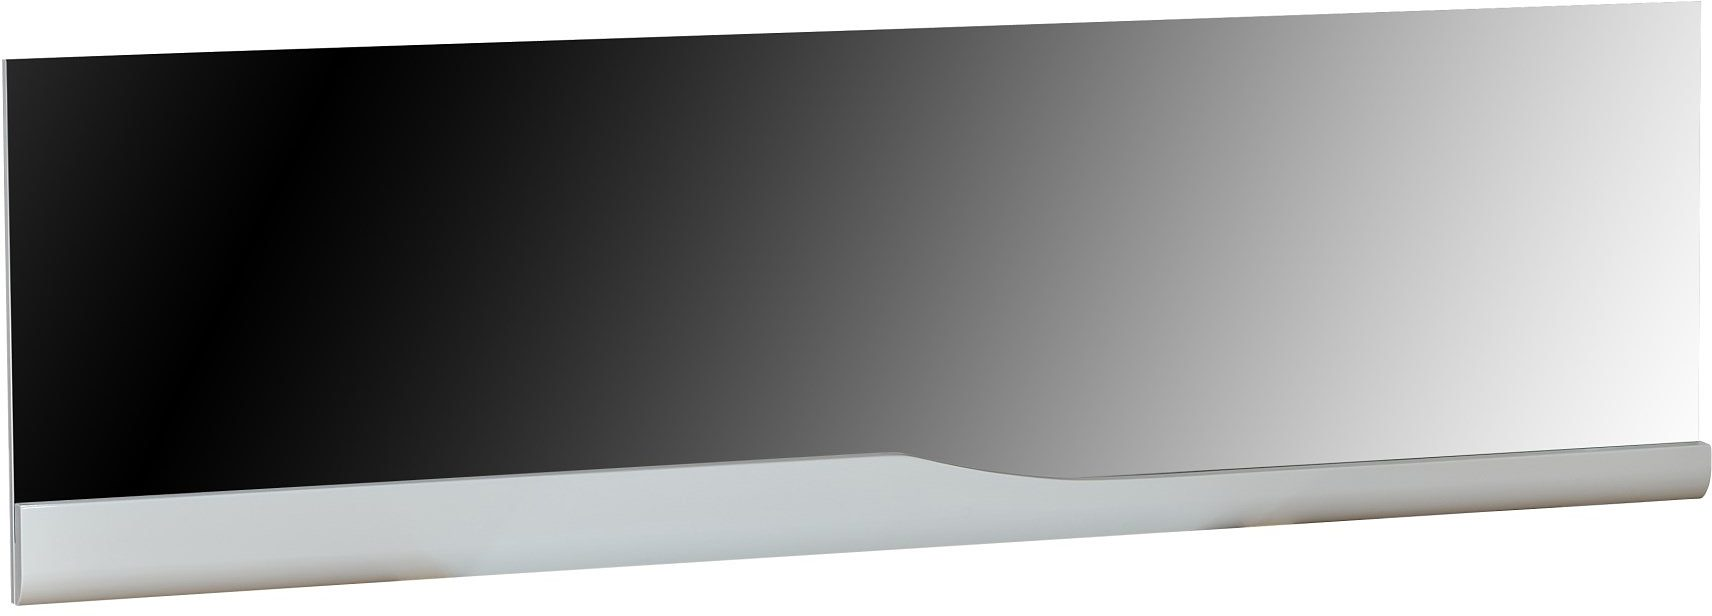 S.C.I.A.E. Wandspiegel »Ovio«, Breite 180 cm